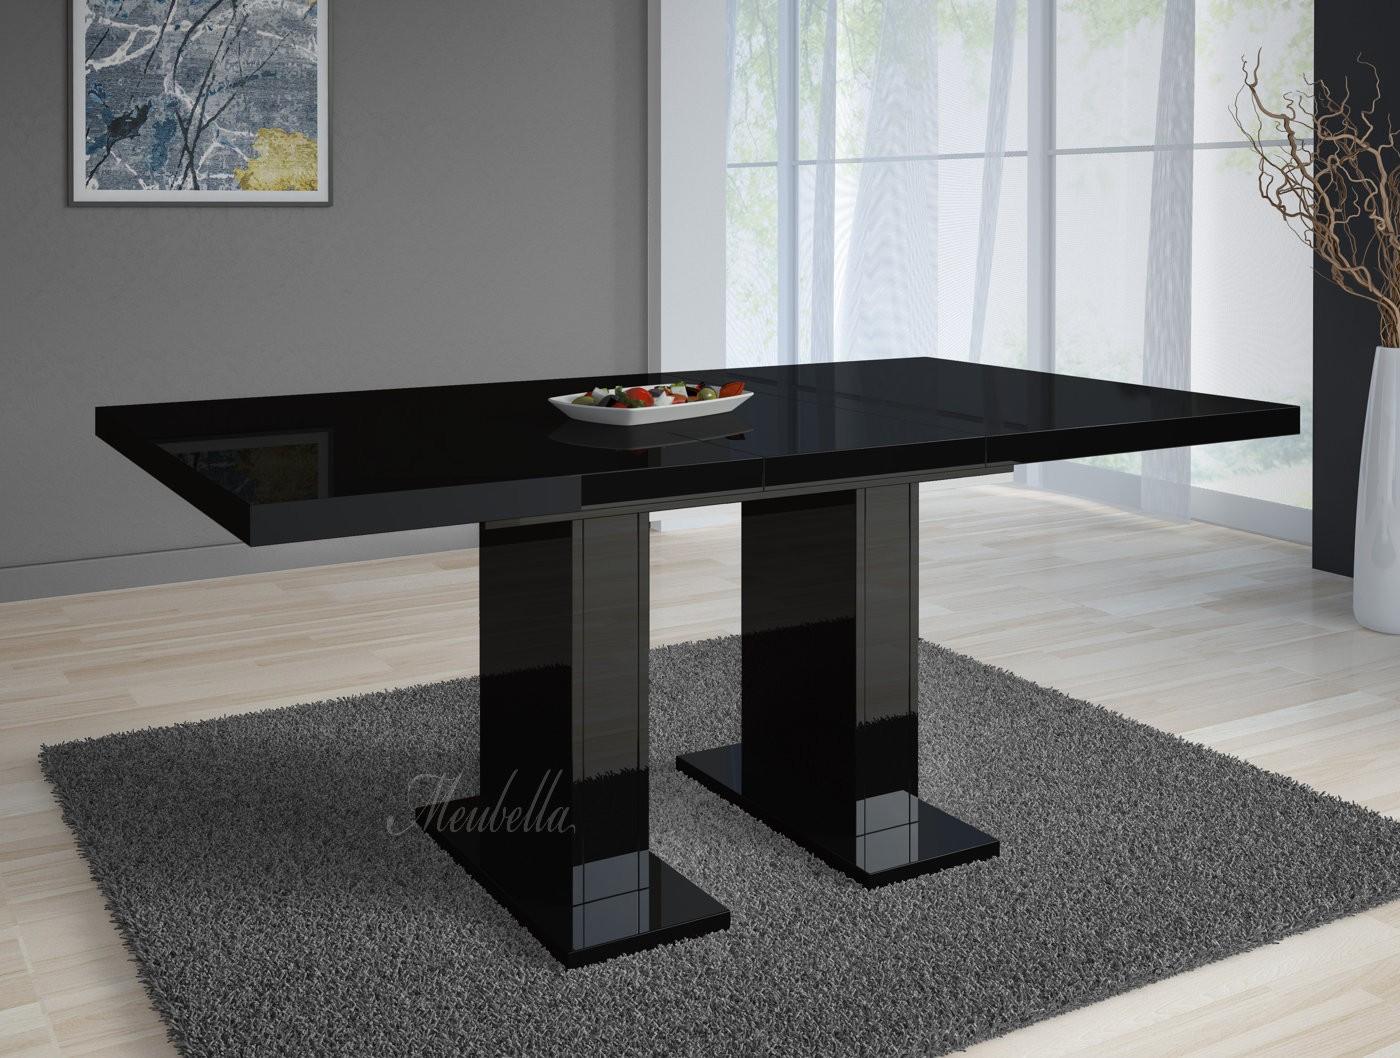 Uitschuifbare Eettafel 160 Cm.Eetkamertafel Glamour 160 Zwart Uitschuifbaar Meubella